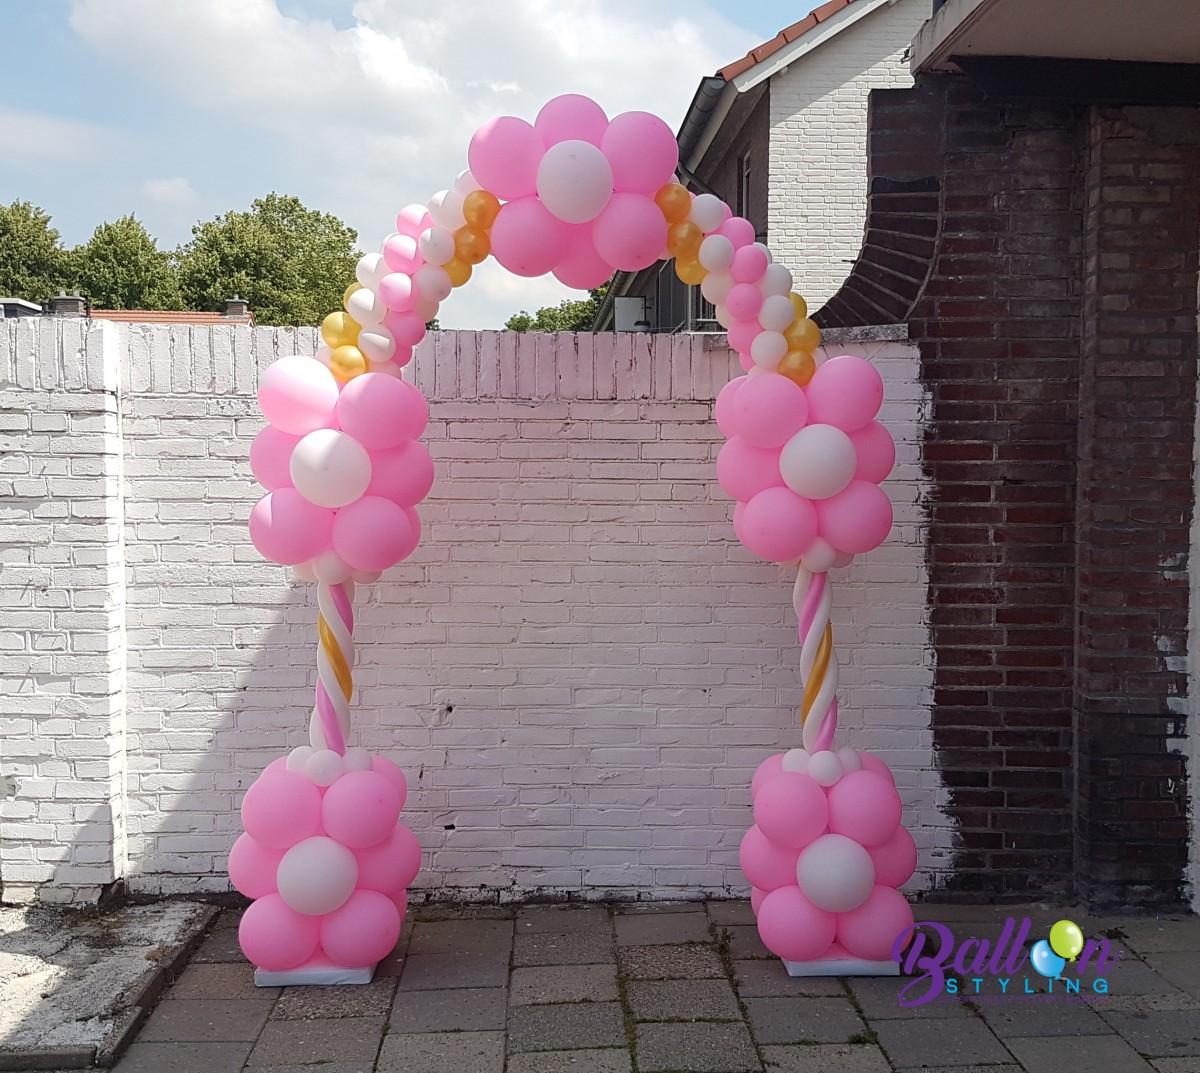 Balloon Styling ballonnenboog ballonboog roze wit en metallic goud